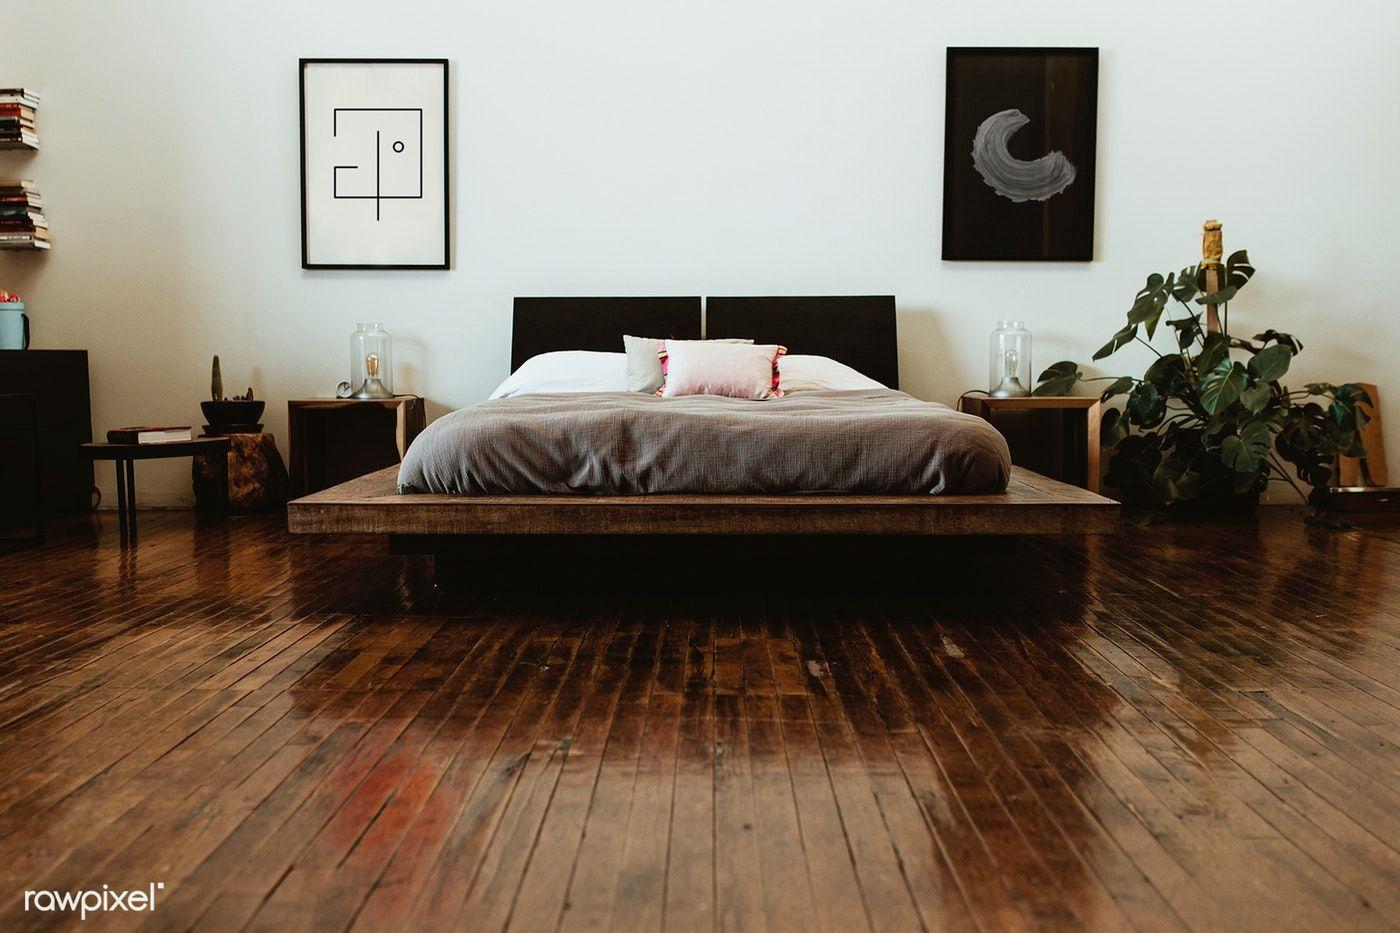 Download Premium Image Of Industrial Bedroom With Dark Wooden